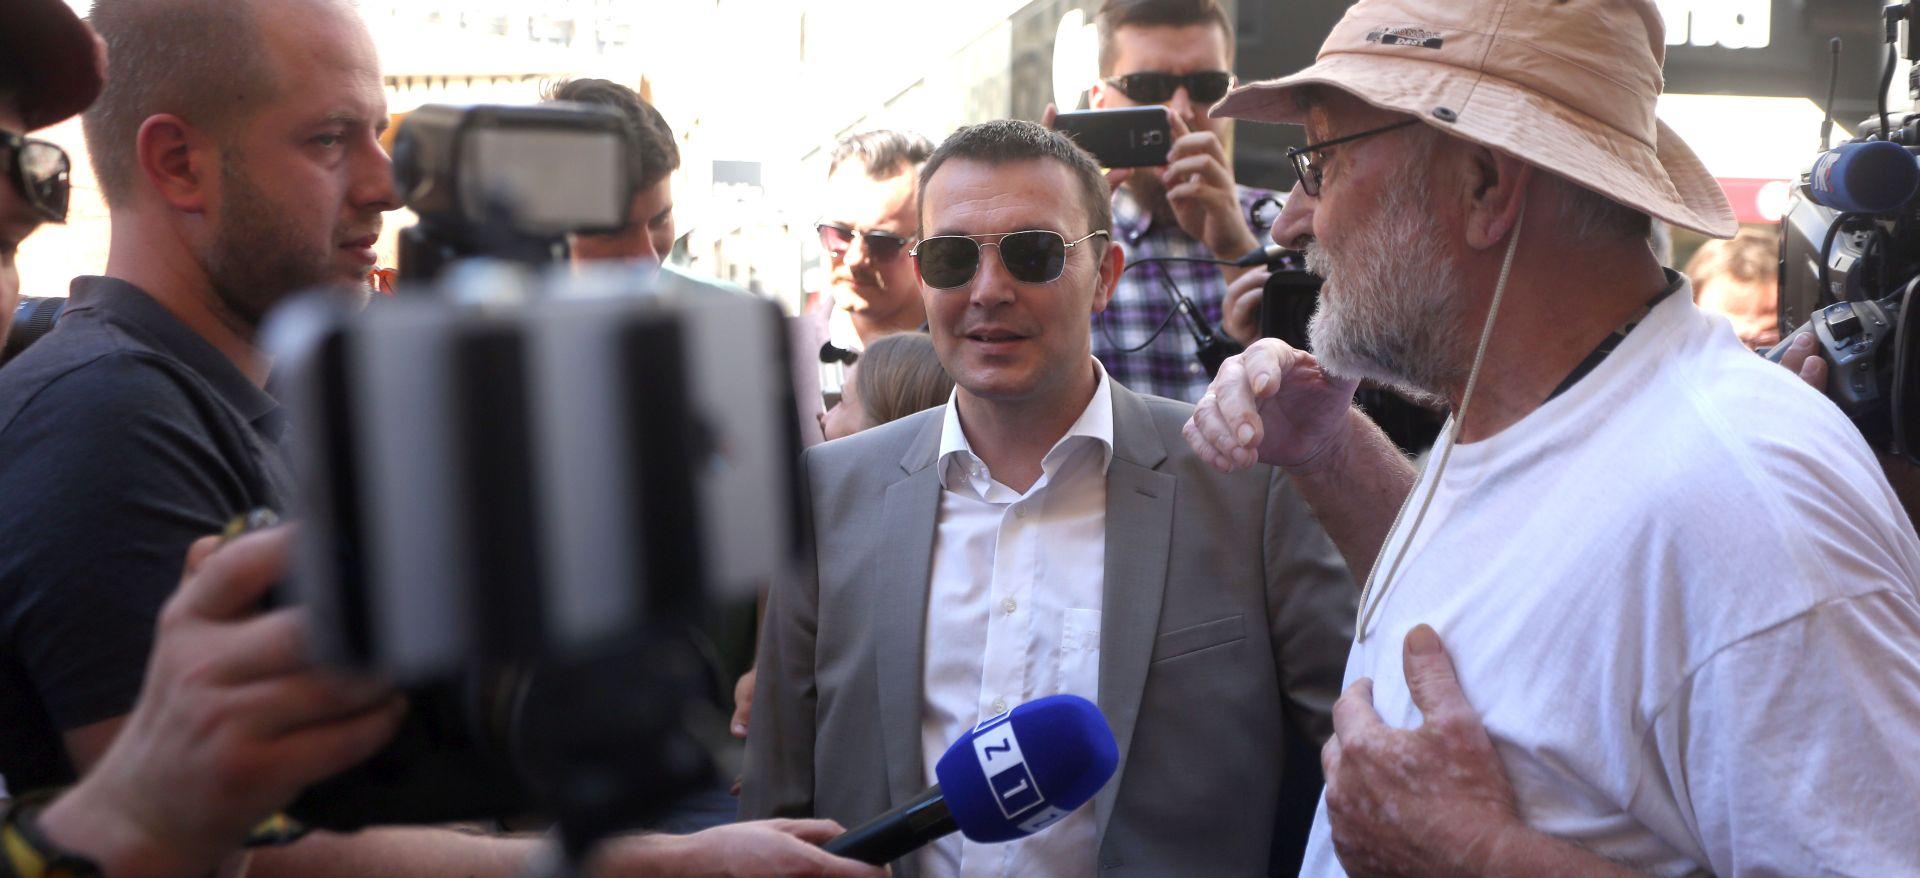 Bauk oštro osudio izjave hrvatske predsjednice u Argentini